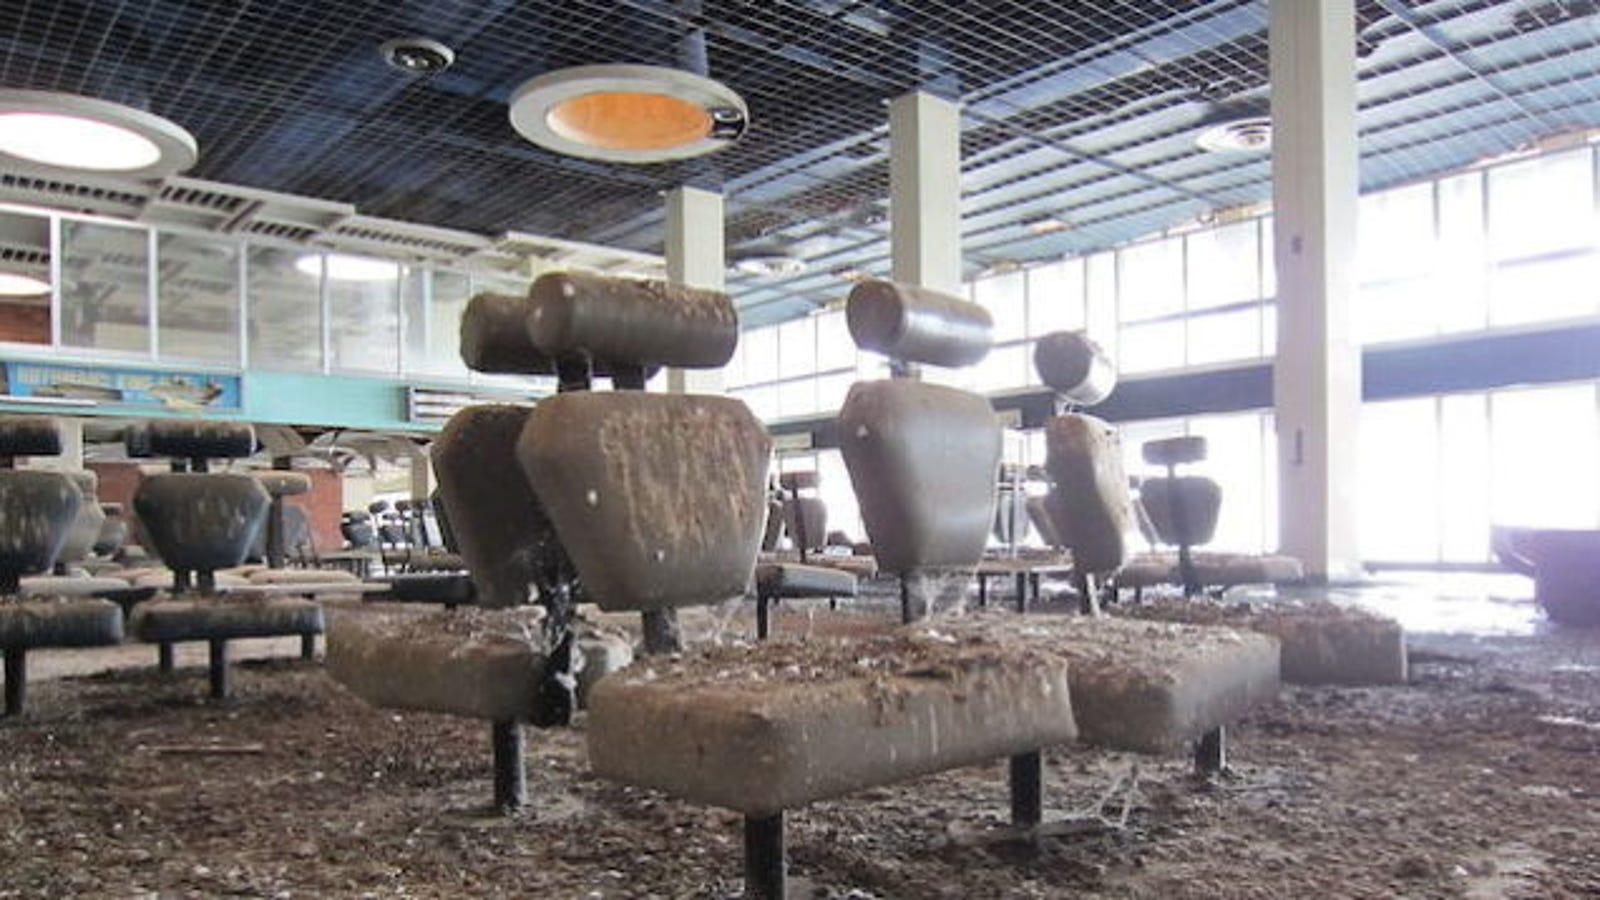 Las imágenes más desoladoras de aeropuertos abandonados